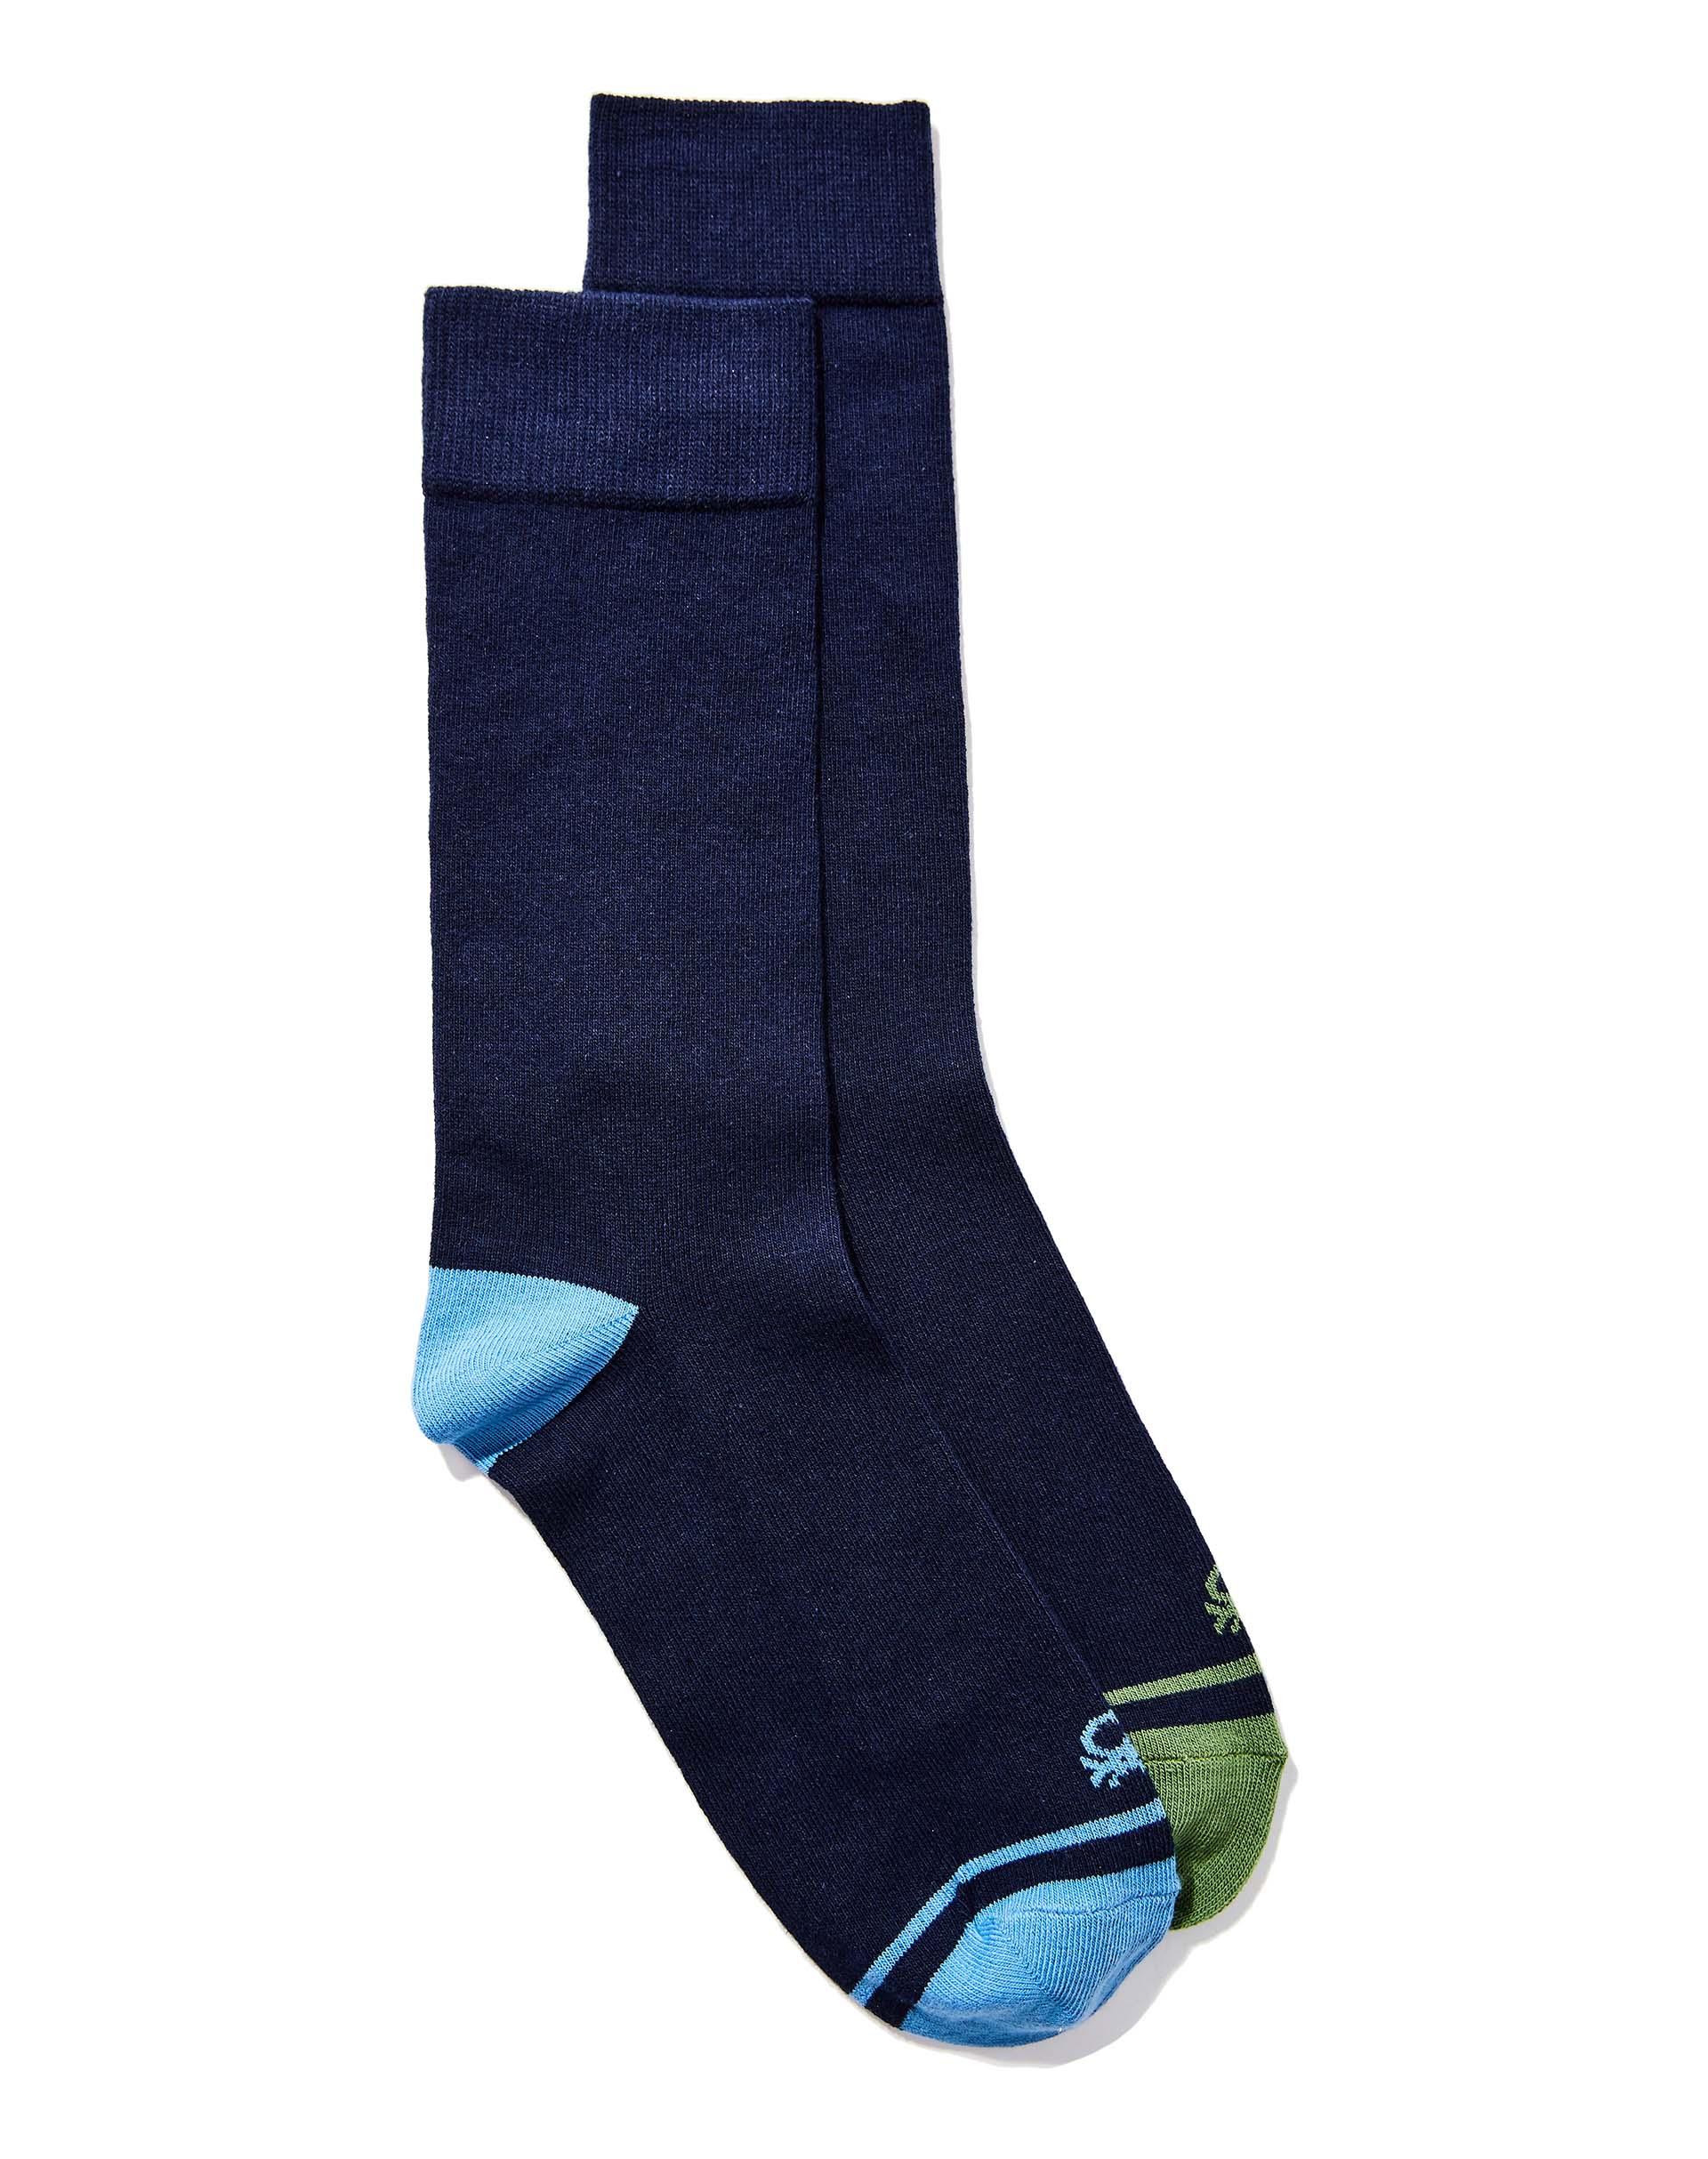 Комплект носков 2 парыНижнее белье<br>Комплект носков состоит из двух пар. Удлиненная модель выполнена из хлопкового трикотажа с добавлением синтетических волокон для большей износоустойчивости. Мягкая эластичная манжета в рубчик.<br>Цвет: Синий; Размер: OS;